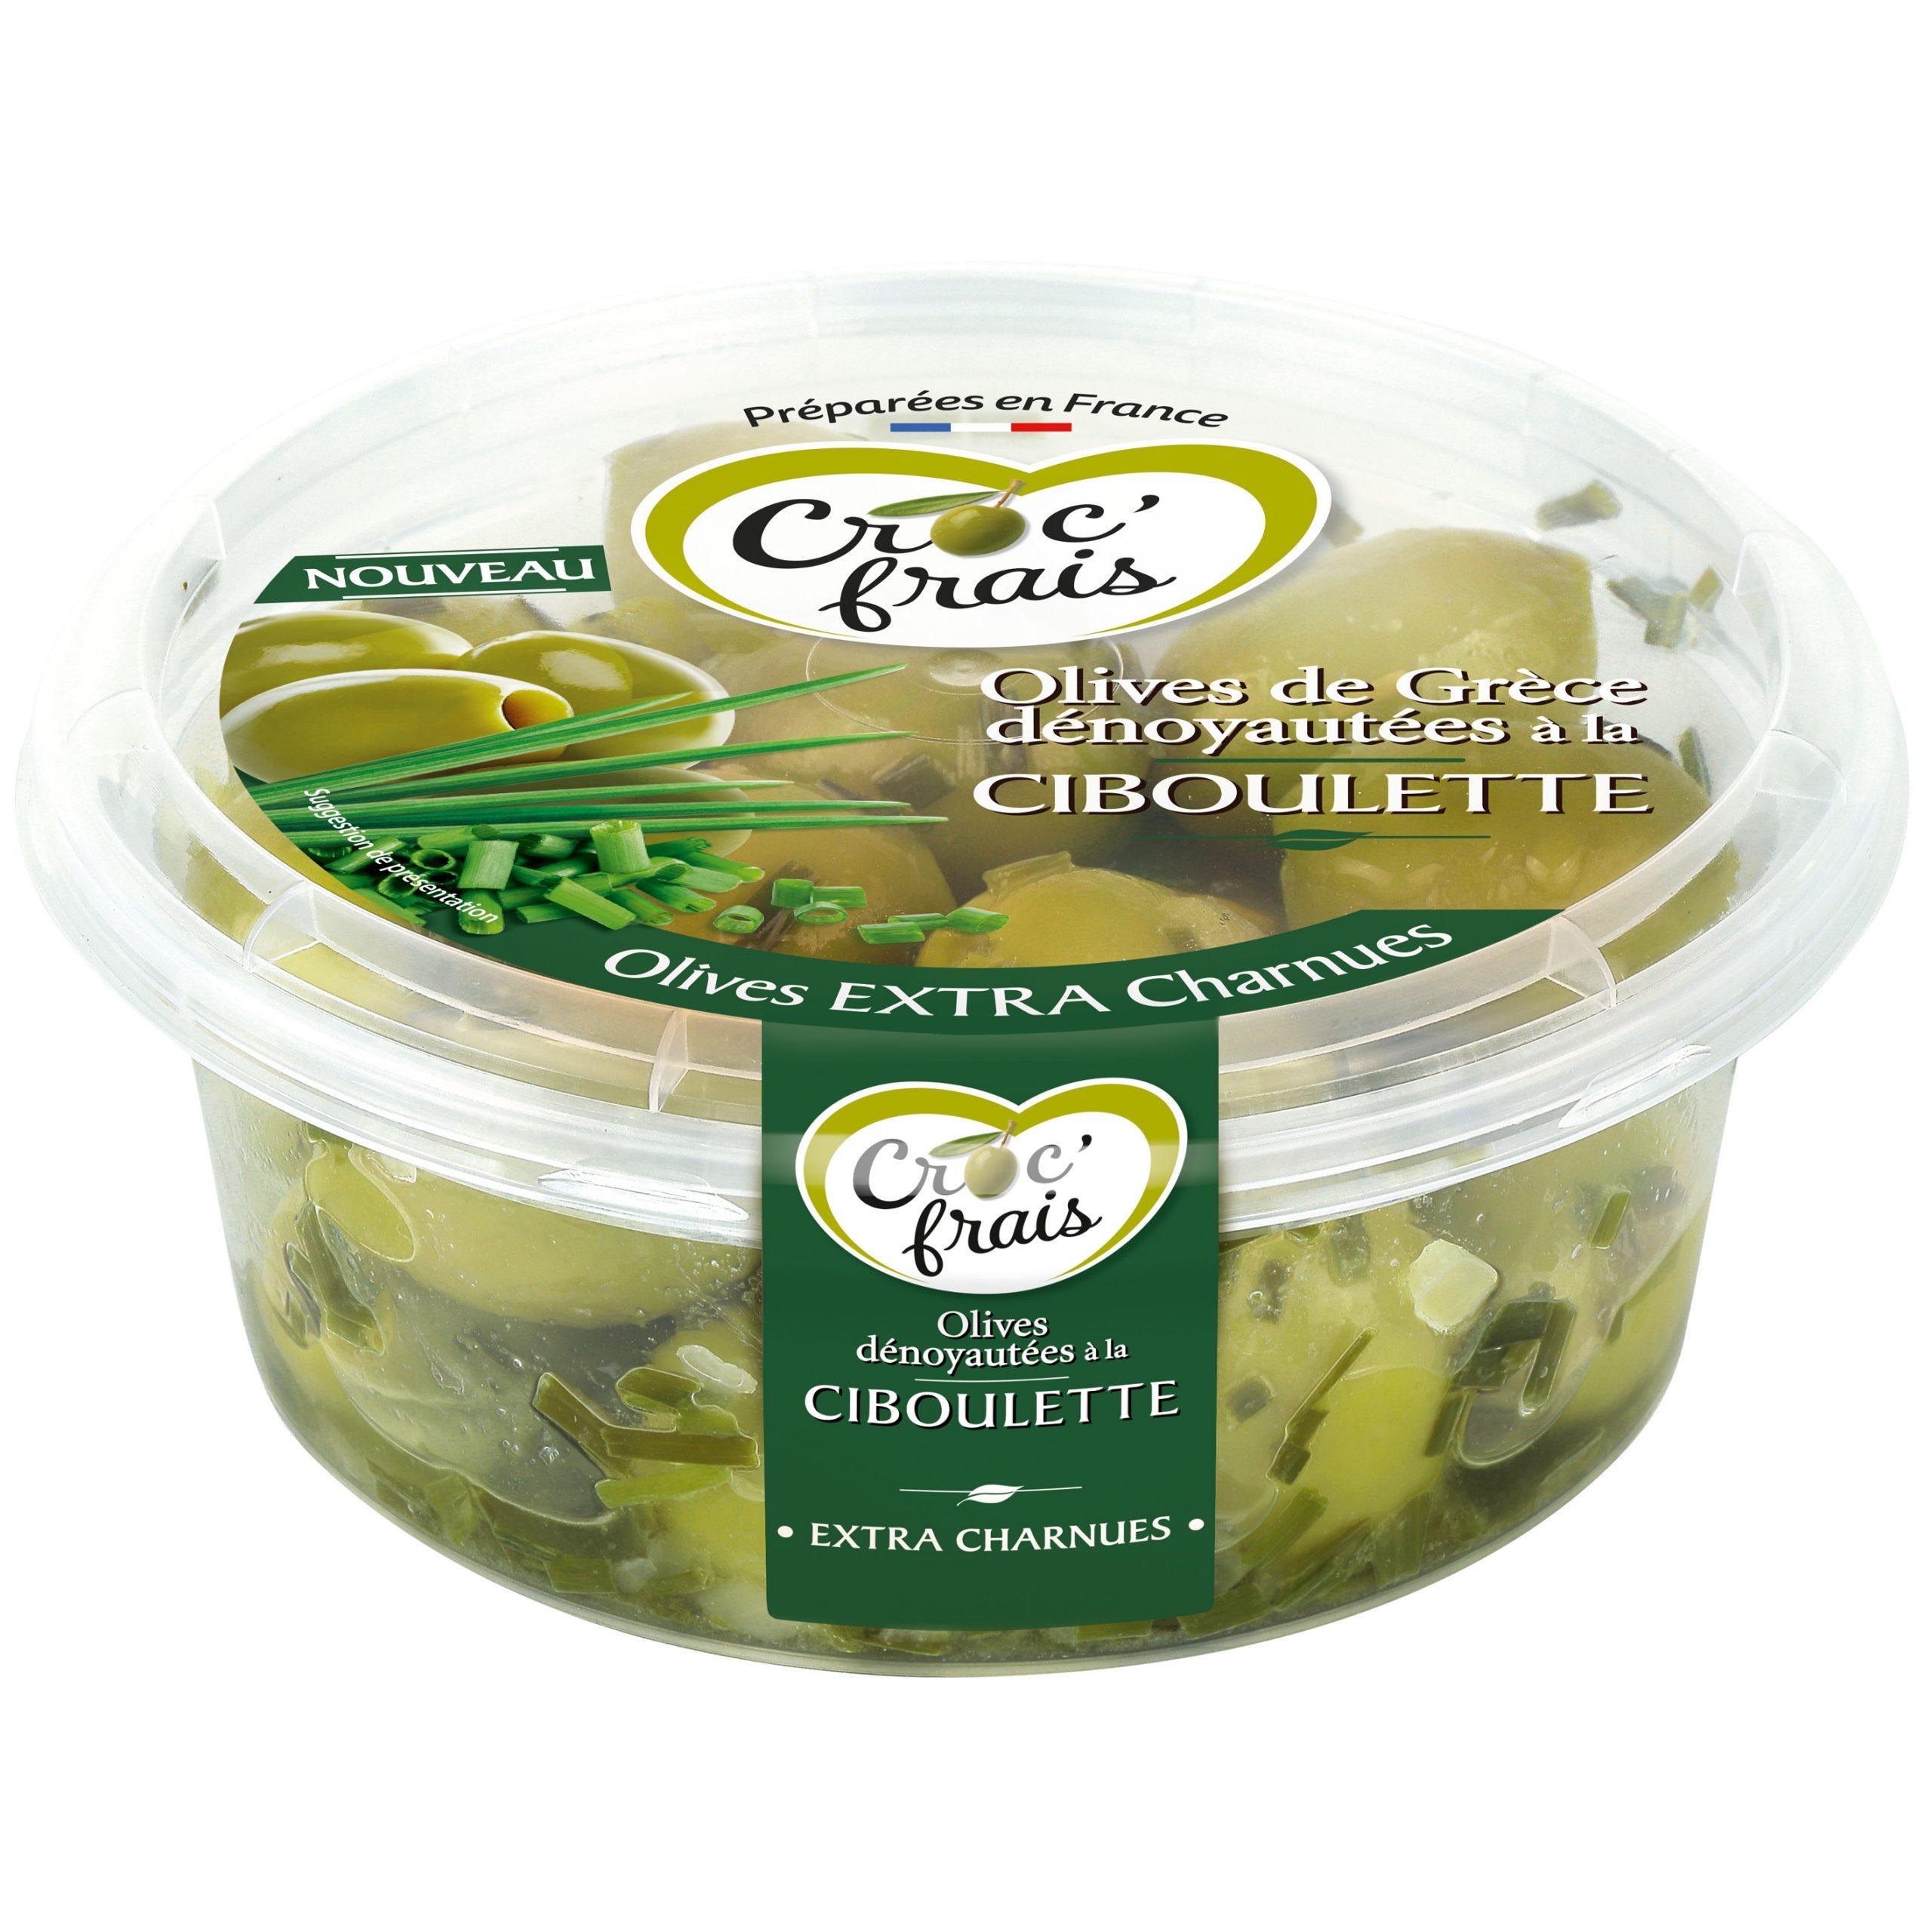 ciboulette scaled - Deux nouvelles recettes d'olives de Grèce par Croc'Frais